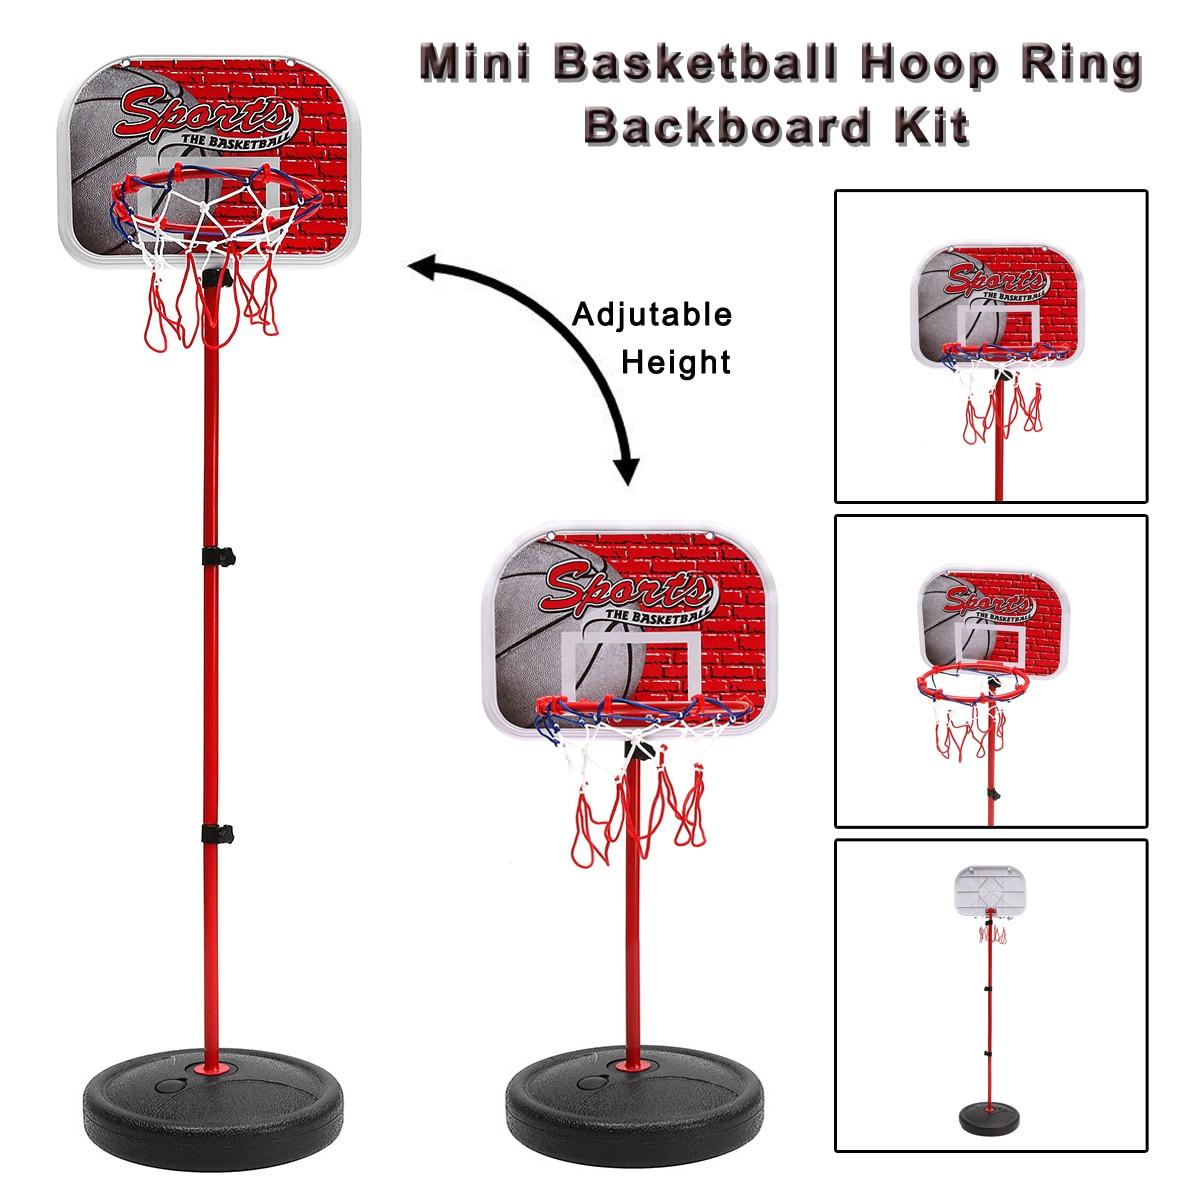 Детская подвесная баскетбольная подставка для помещений, Мини Регулируемая подвесная баскетбольная доска-обруч для детской игры, баскетбо...